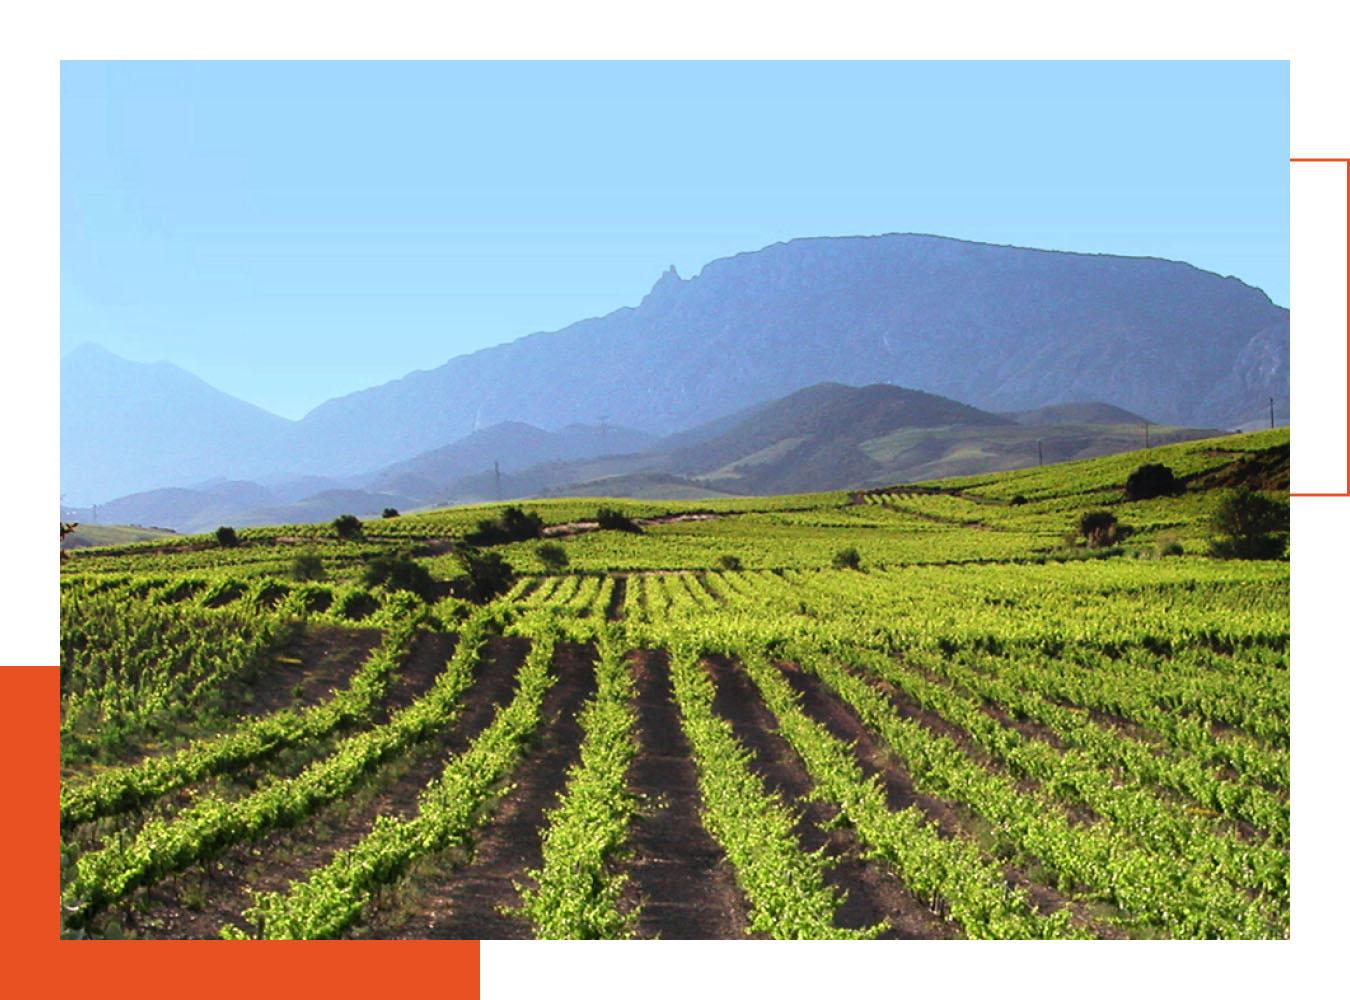 Les vins du terroir du Roussillon (Fenoullèdes par exemple) sont à l'honneur à la carte de L'Almandin